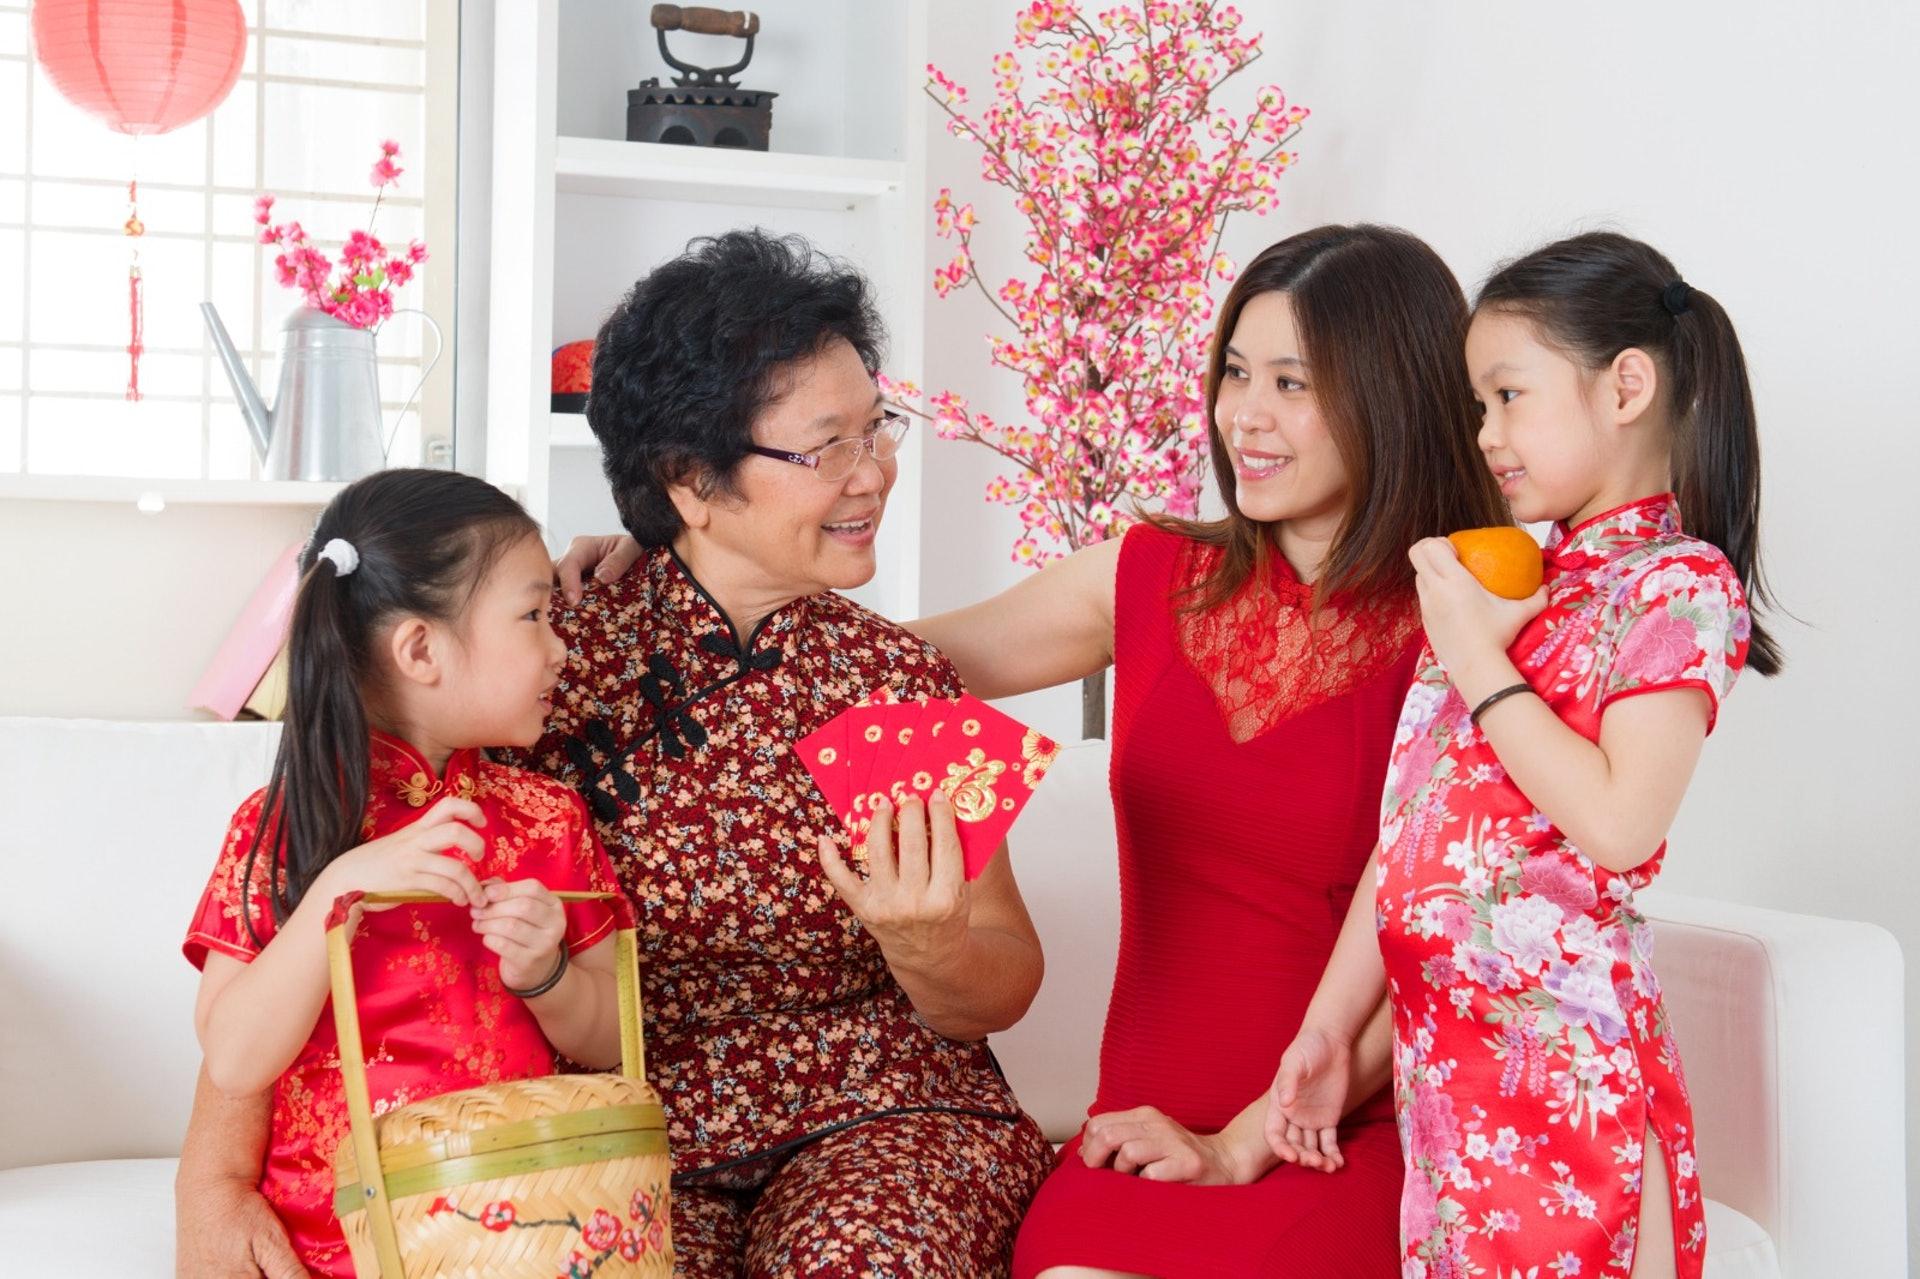 農曆新年】拜年最怕小朋友扭計又黑面5招做好準備|博士媽媽|香港01|親子